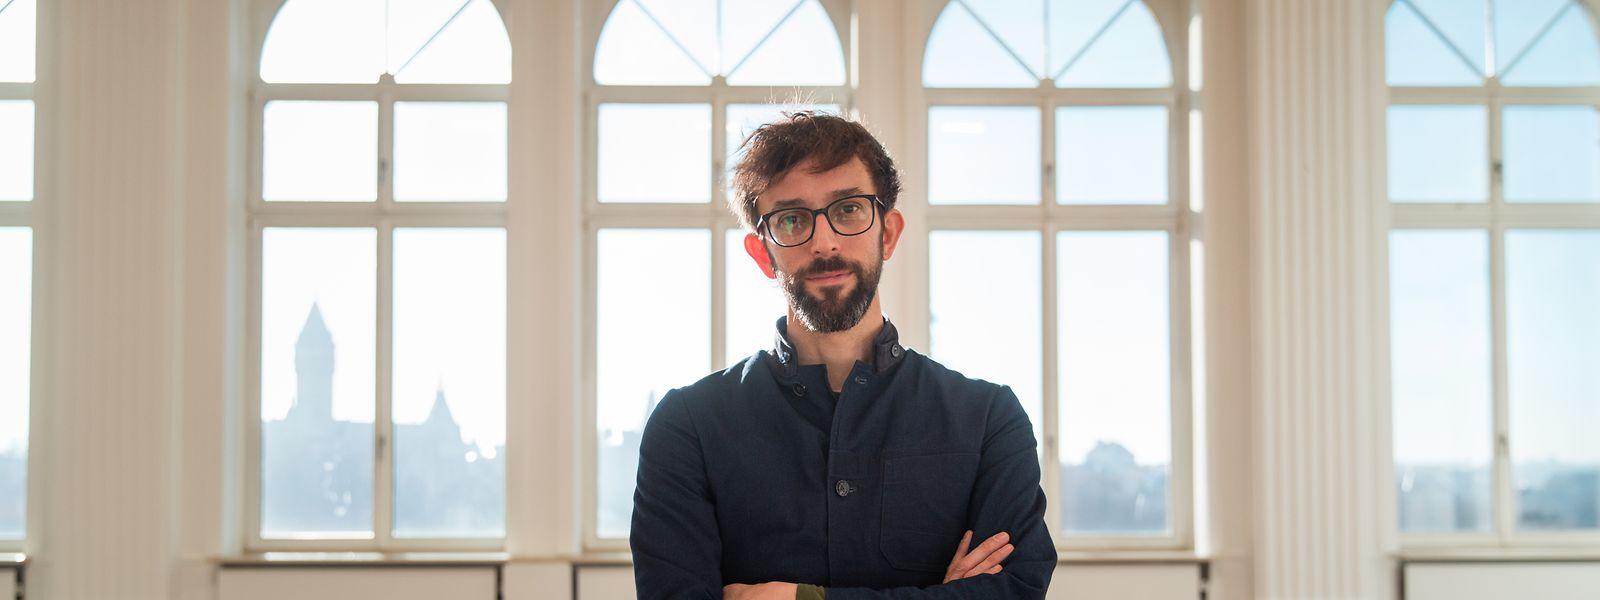 Patrick Muller zeigt im Kunstforum Casino drei Arbeiten, die sich an den Pionier Alvin Lucier anlehnen.